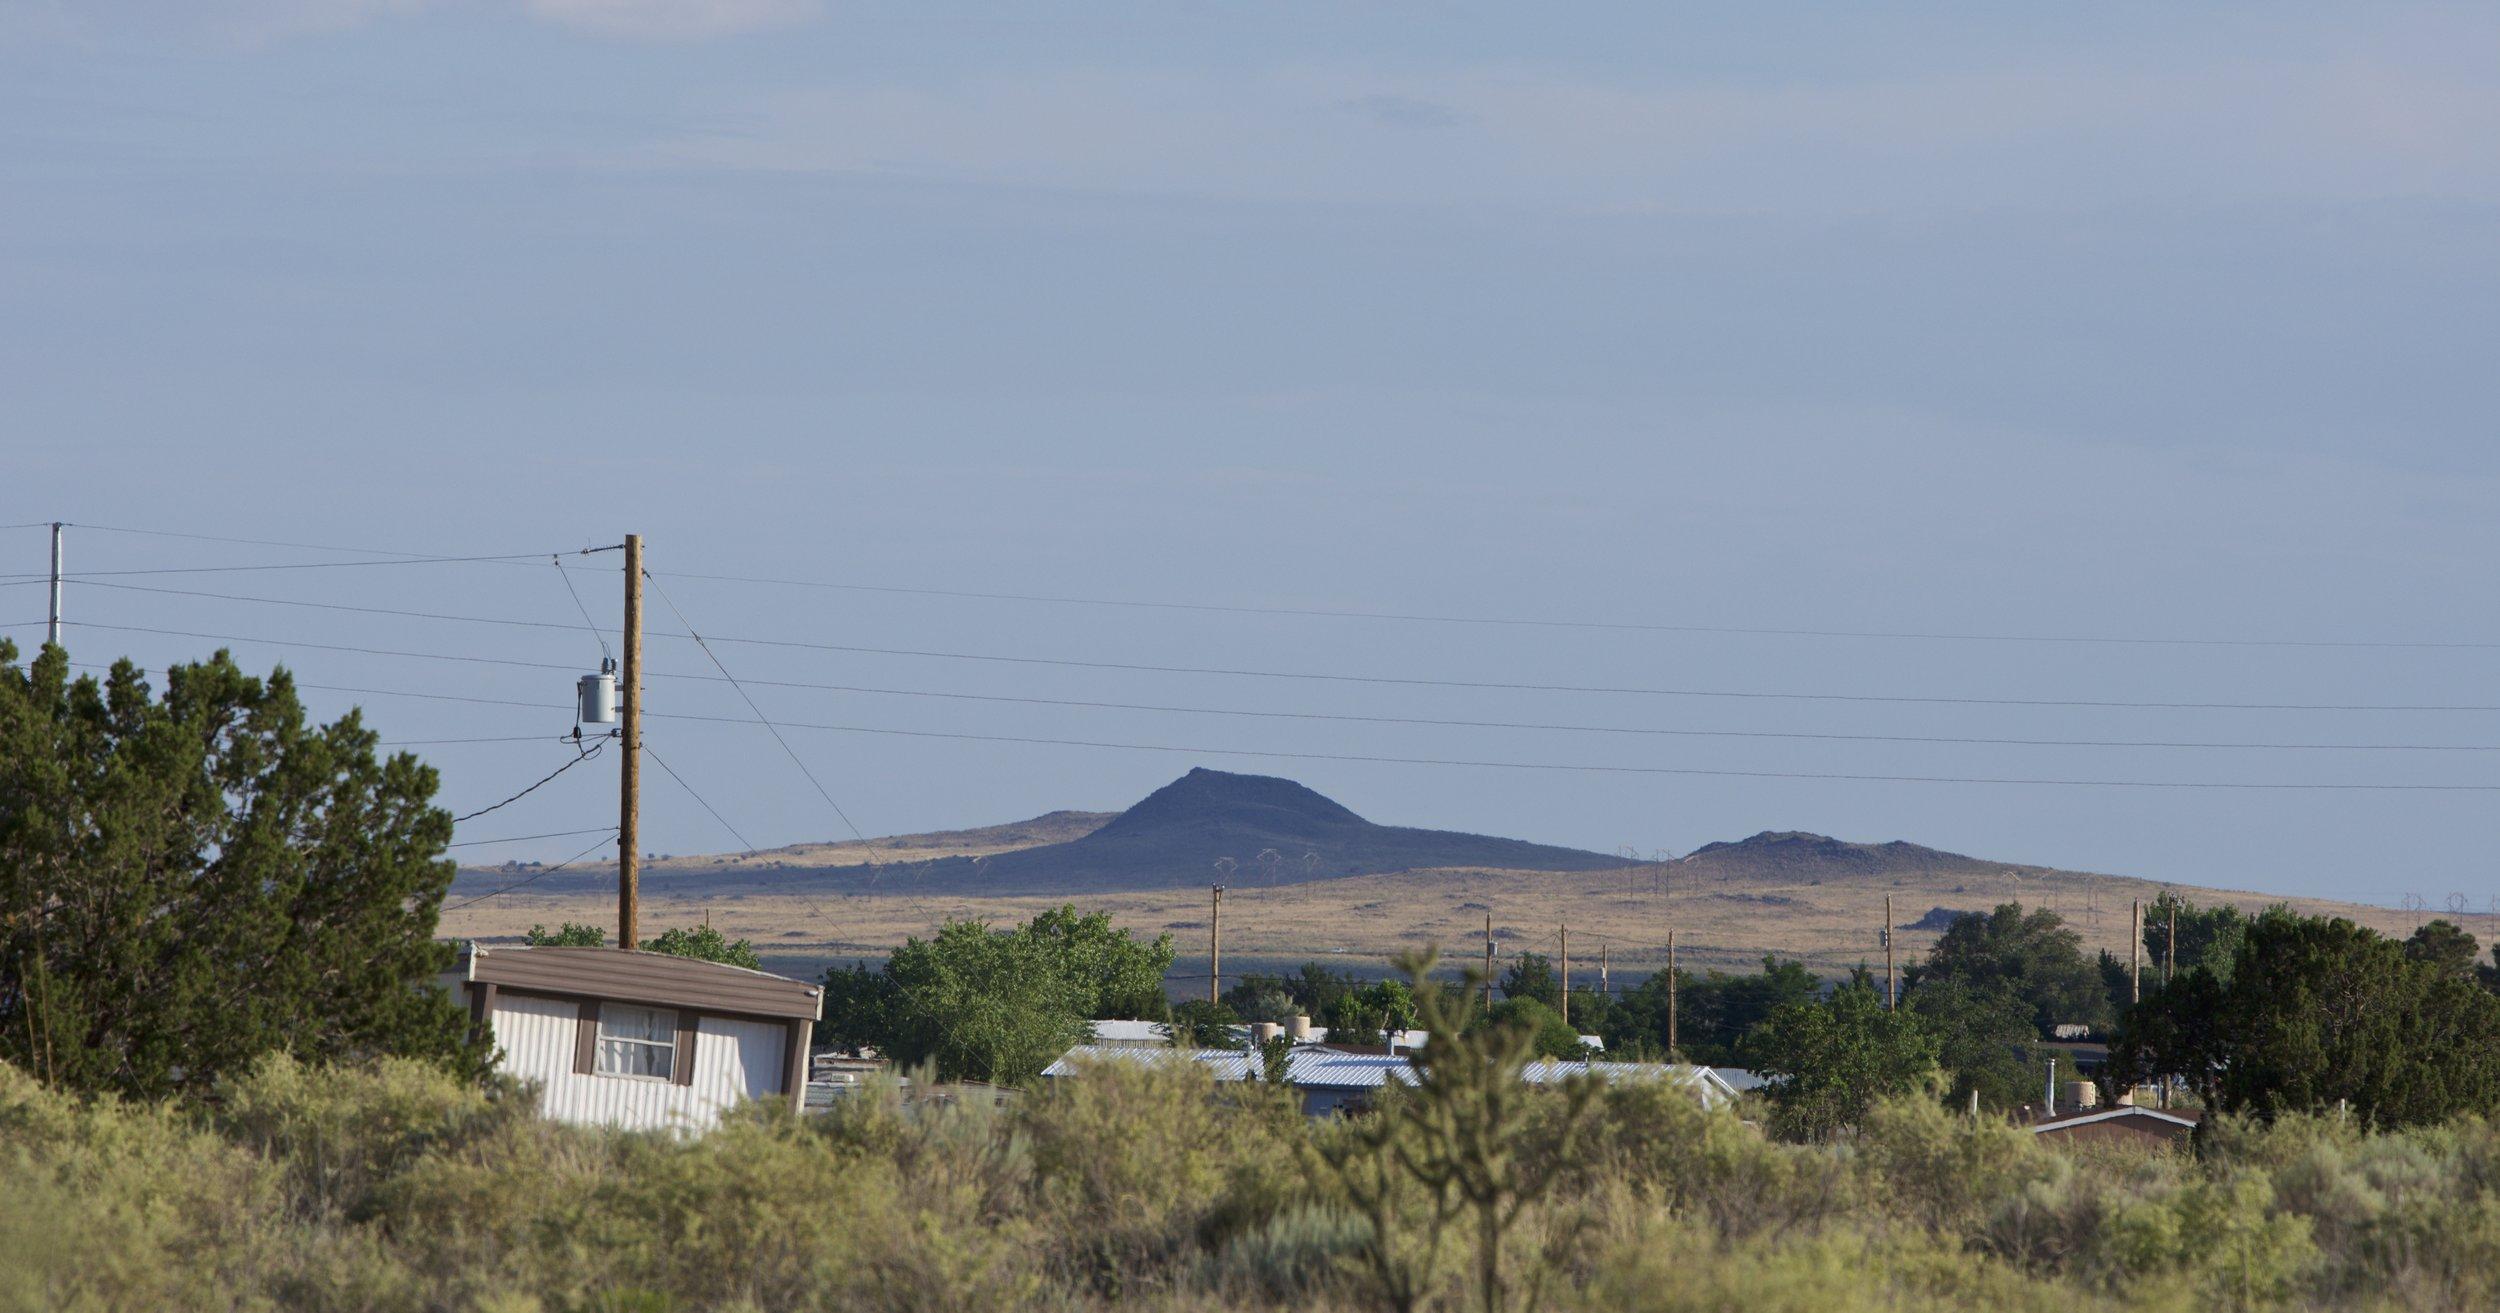 SNNM-BFG-rio-rancho-132824.jpg